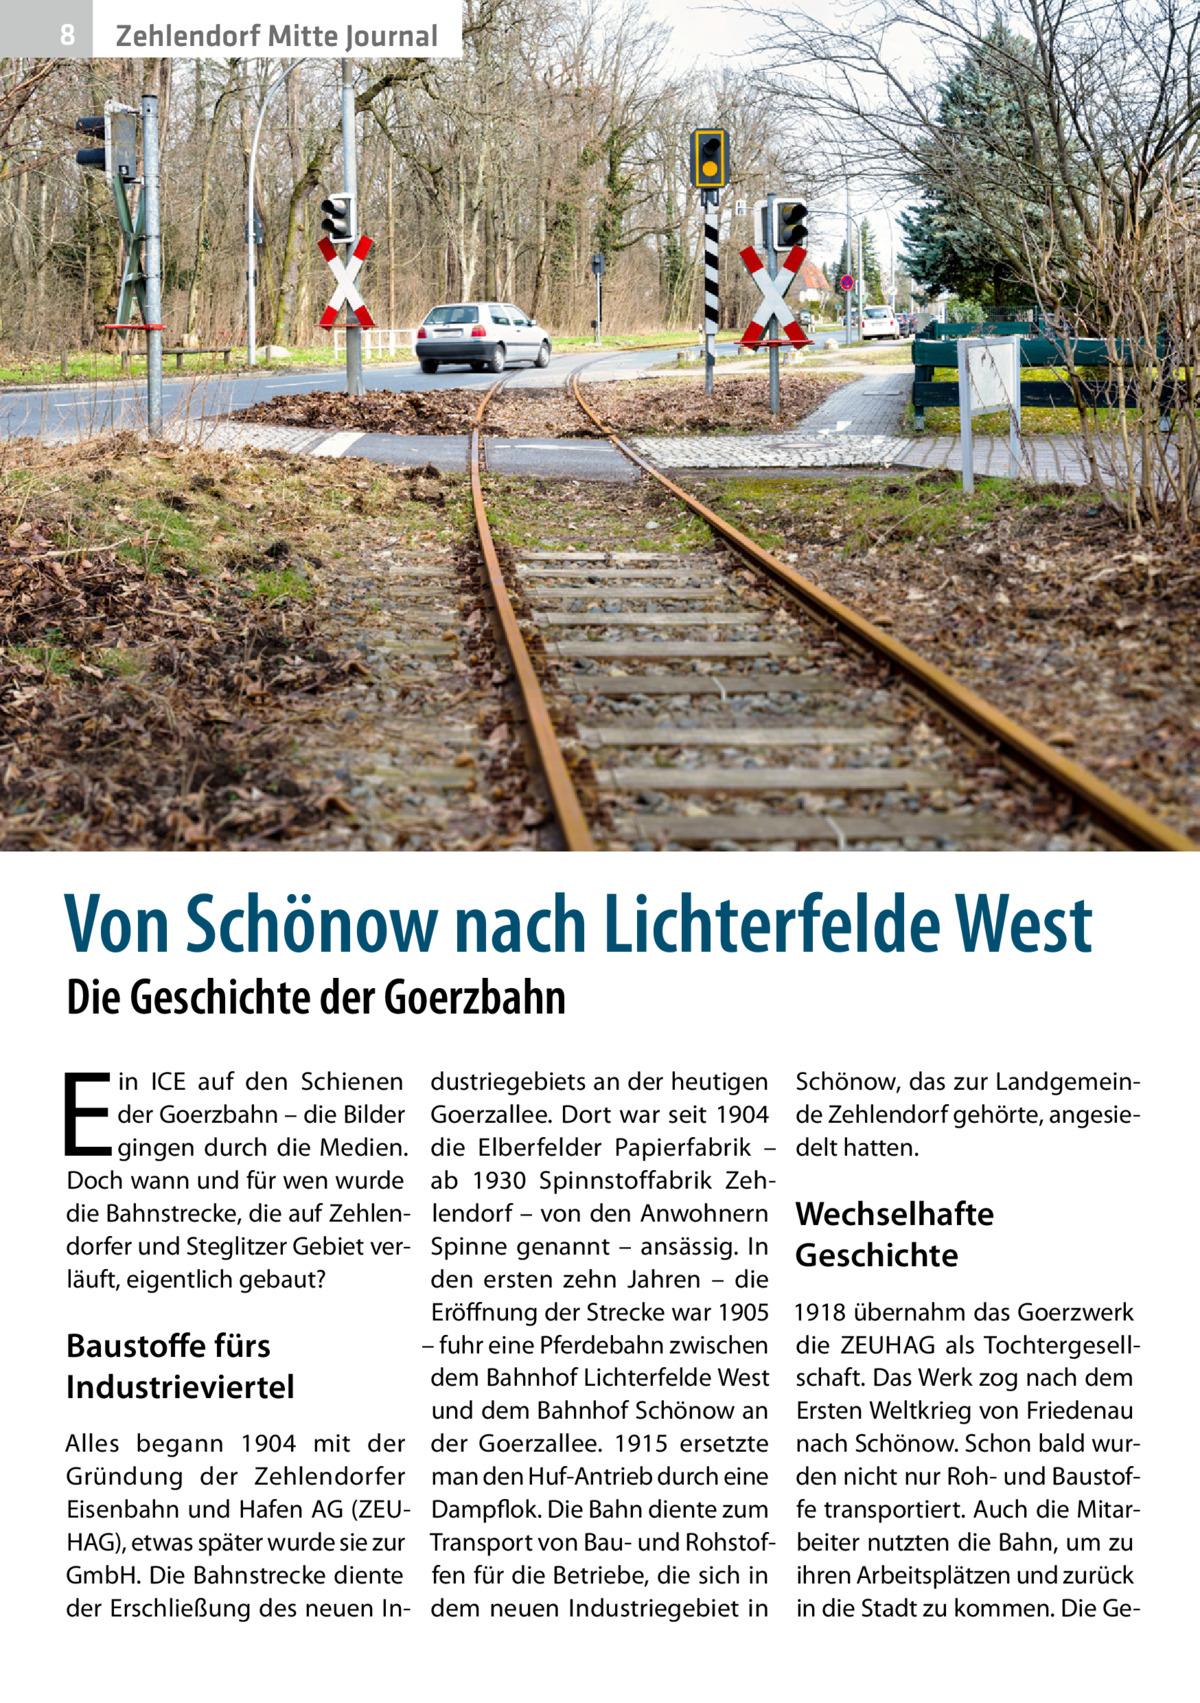 8  Zehlendorf Mitte Journal  Von Schönow nach Lichterfelde West Die Geschichte der Goerzbahn  E  in ICE auf den Schienen der Goerzbahn – die Bilder gingen durch die Medien. Doch wann und für wen wurde die Bahnstrecke, die auf Zehlendorfer und Steglitzer Gebiet verläuft, eigentlich gebaut?  Baustoffe fürs Industrieviertel Alles begann 1904 mit der Gründung der Zehlendorfer Eisenbahn und Hafen AG (ZEUHAG), etwas später wurde sie zur GmbH. Die Bahnstrecke diente der Erschließung des neuen In dustriegebiets an der heutigen Goerzallee. Dort war seit 1904 die Elberfelder Papierfabrik – ab 1930 Spinnstoffabrik Zehlendorf – von den Anwohnern Spinne genannt – ansässig. In den ersten zehn Jahren – die Eröffnung der Strecke war 1905 – fuhr eine Pferdebahn zwischen dem Bahnhof Lichterfelde West und dem Bahnhof Schönow an der Goerzallee. 1915 ersetzte man den Huf-Antrieb durch eine Dampflok. Die Bahn diente zum Transport von Bau- und Rohstoffen für die Betriebe, die sich in dem neuen Industriegebiet in  Schönow, das zur Landgemeinde Zehlendorf gehörte, angesiedelt hatten.  Wechselhafte Geschichte 1918 übernahm das Goerzwerk die ZEUHAG als Tochtergesellschaft. Das Werk zog nach dem Ersten Weltkrieg von Friedenau nach Schönow. Schon bald wurden nicht nur Roh- und Baustoffe transportiert. Auch die Mitarbeiter nutzten die Bahn, um zu ihren Arbeitsplätzen und zurück in die Stadt zu kommen. Die G